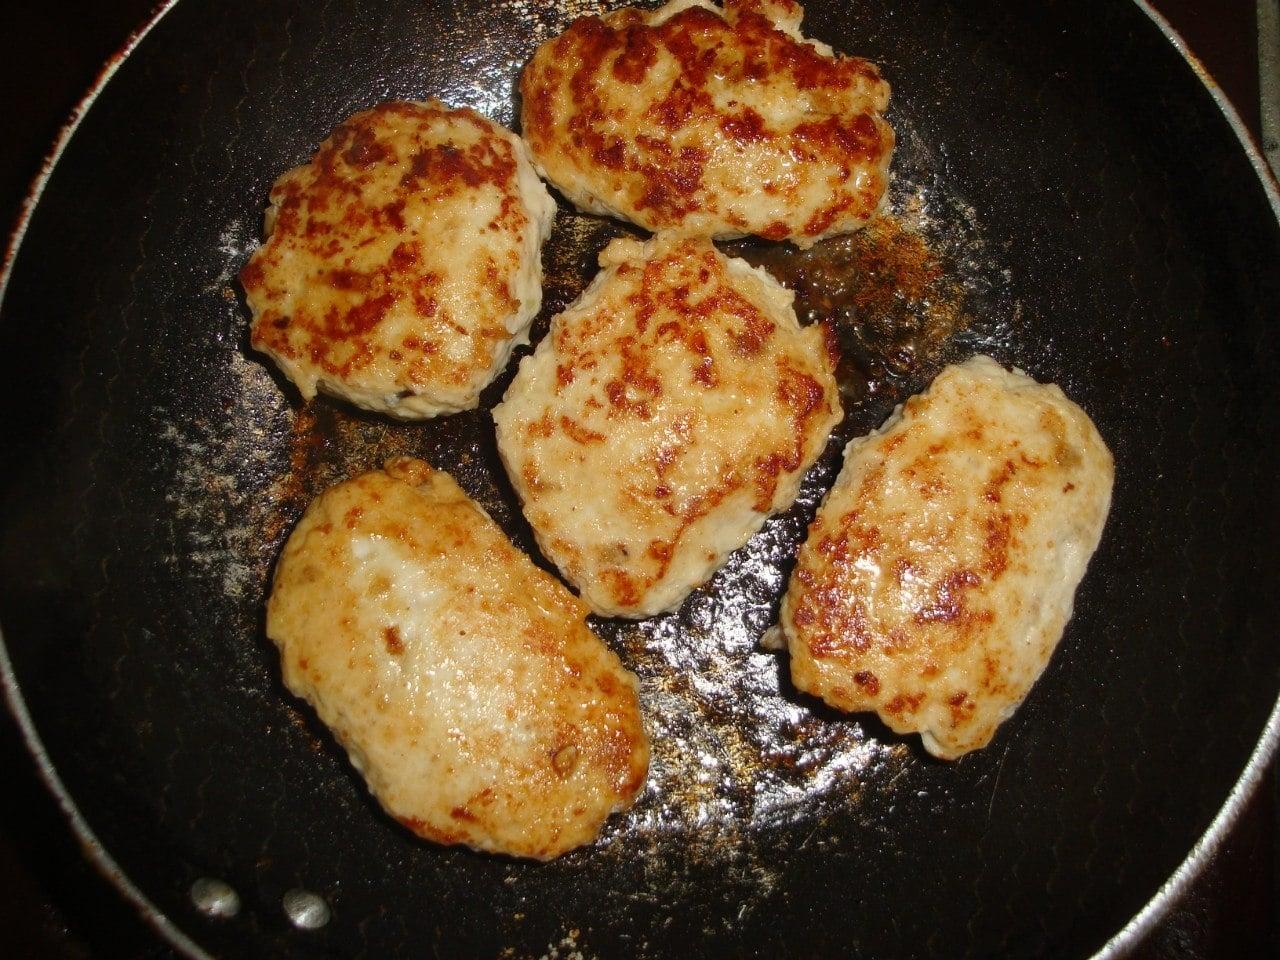 Котлетки с сыром - приготовление, шаг 4